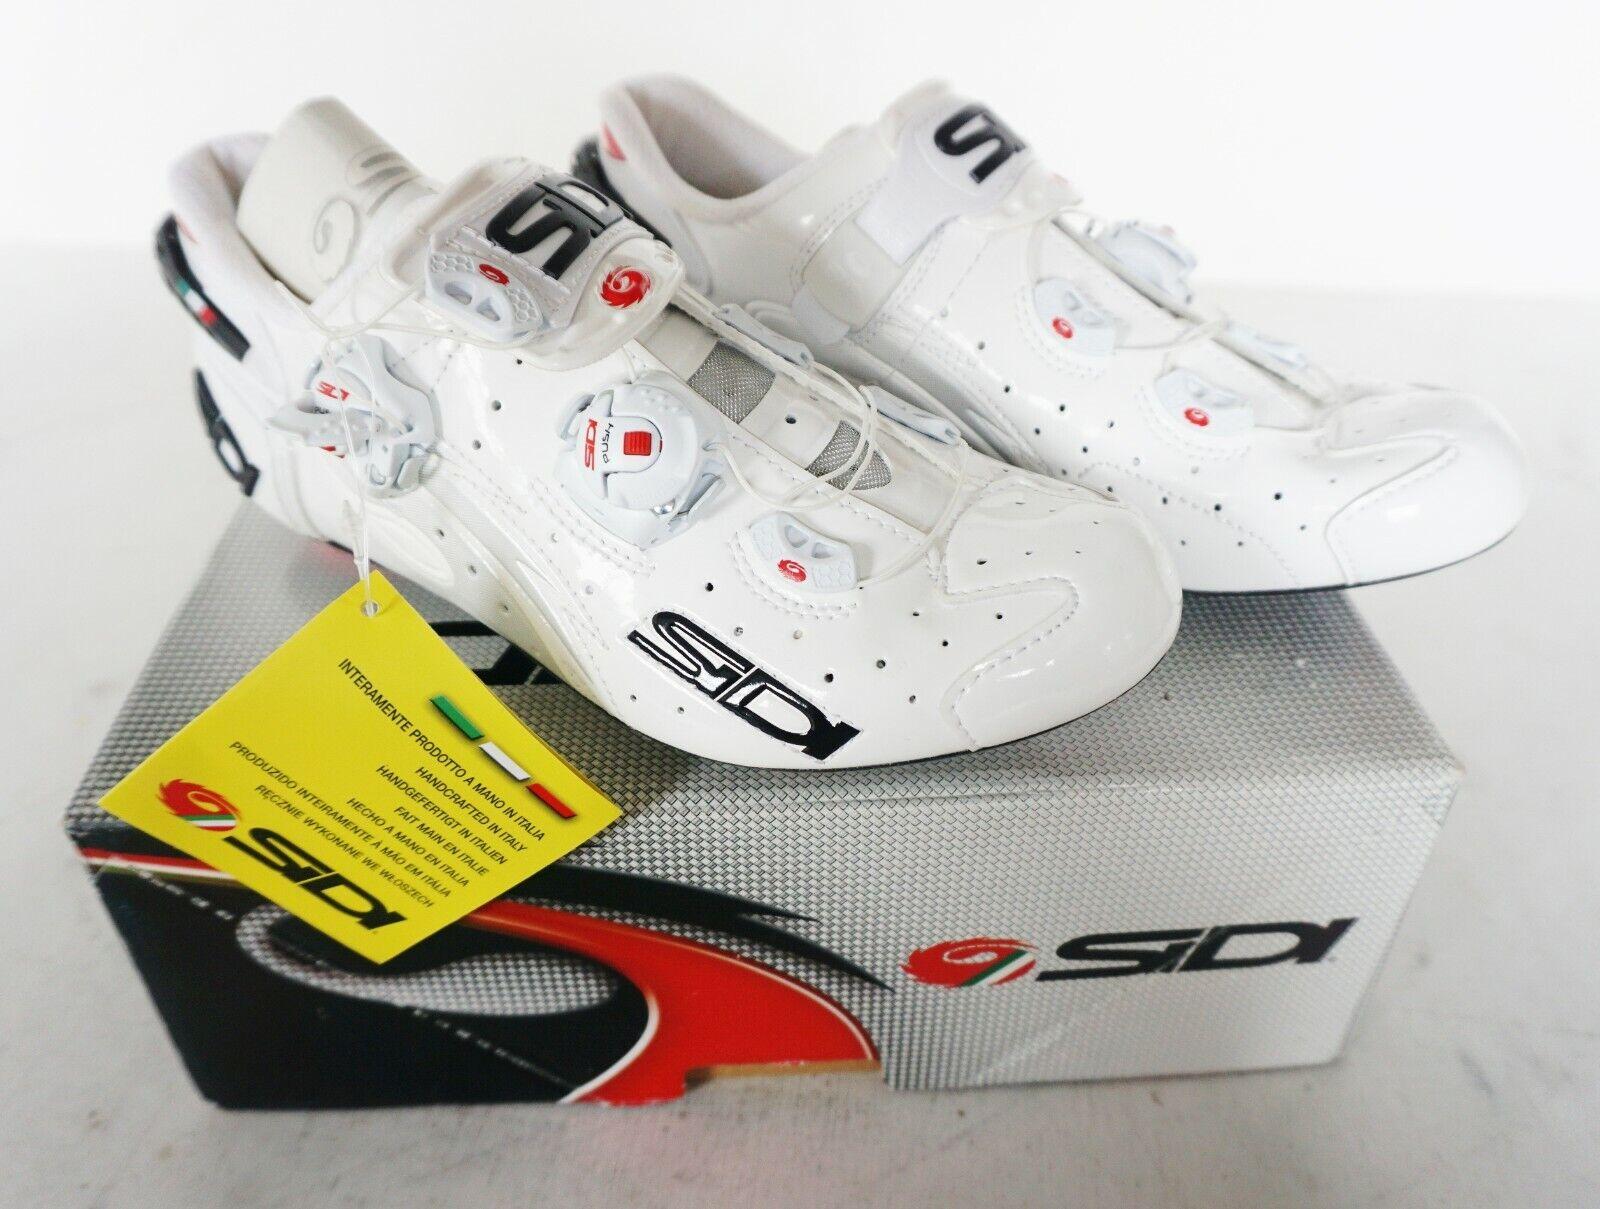 New SIDI WIRE Carbon Road Bike Cycling Shoes White White EU38.5-42